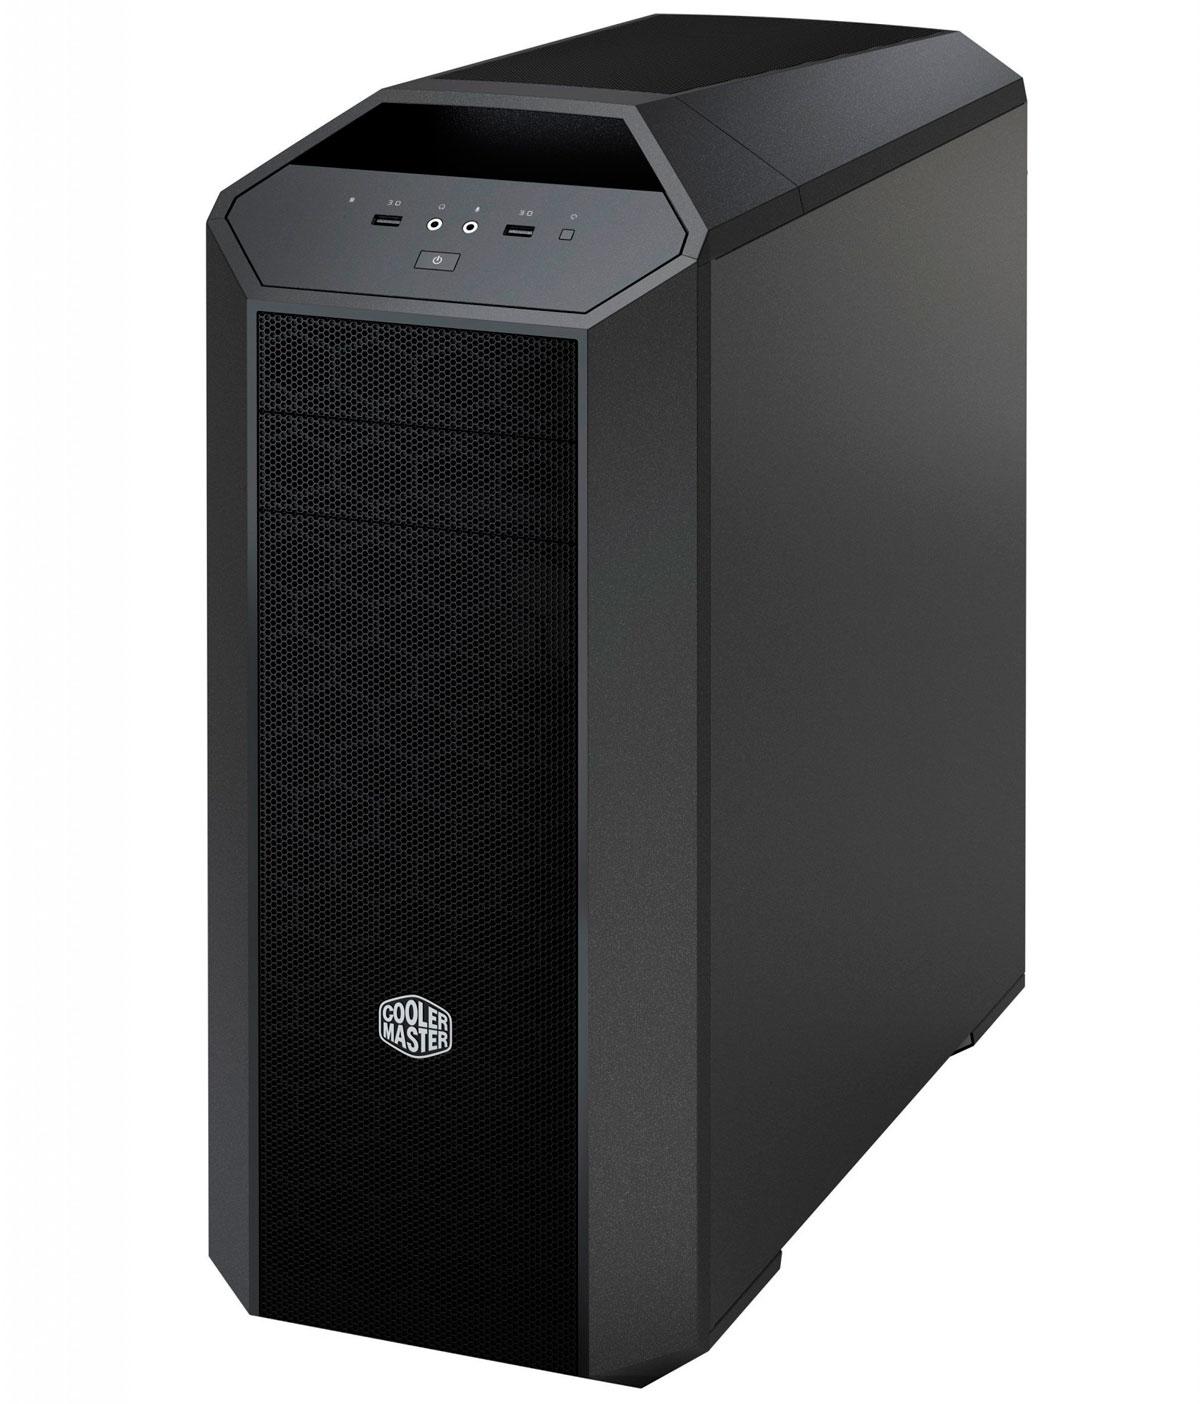 CoolerMaster-MasterCase-Computex-1